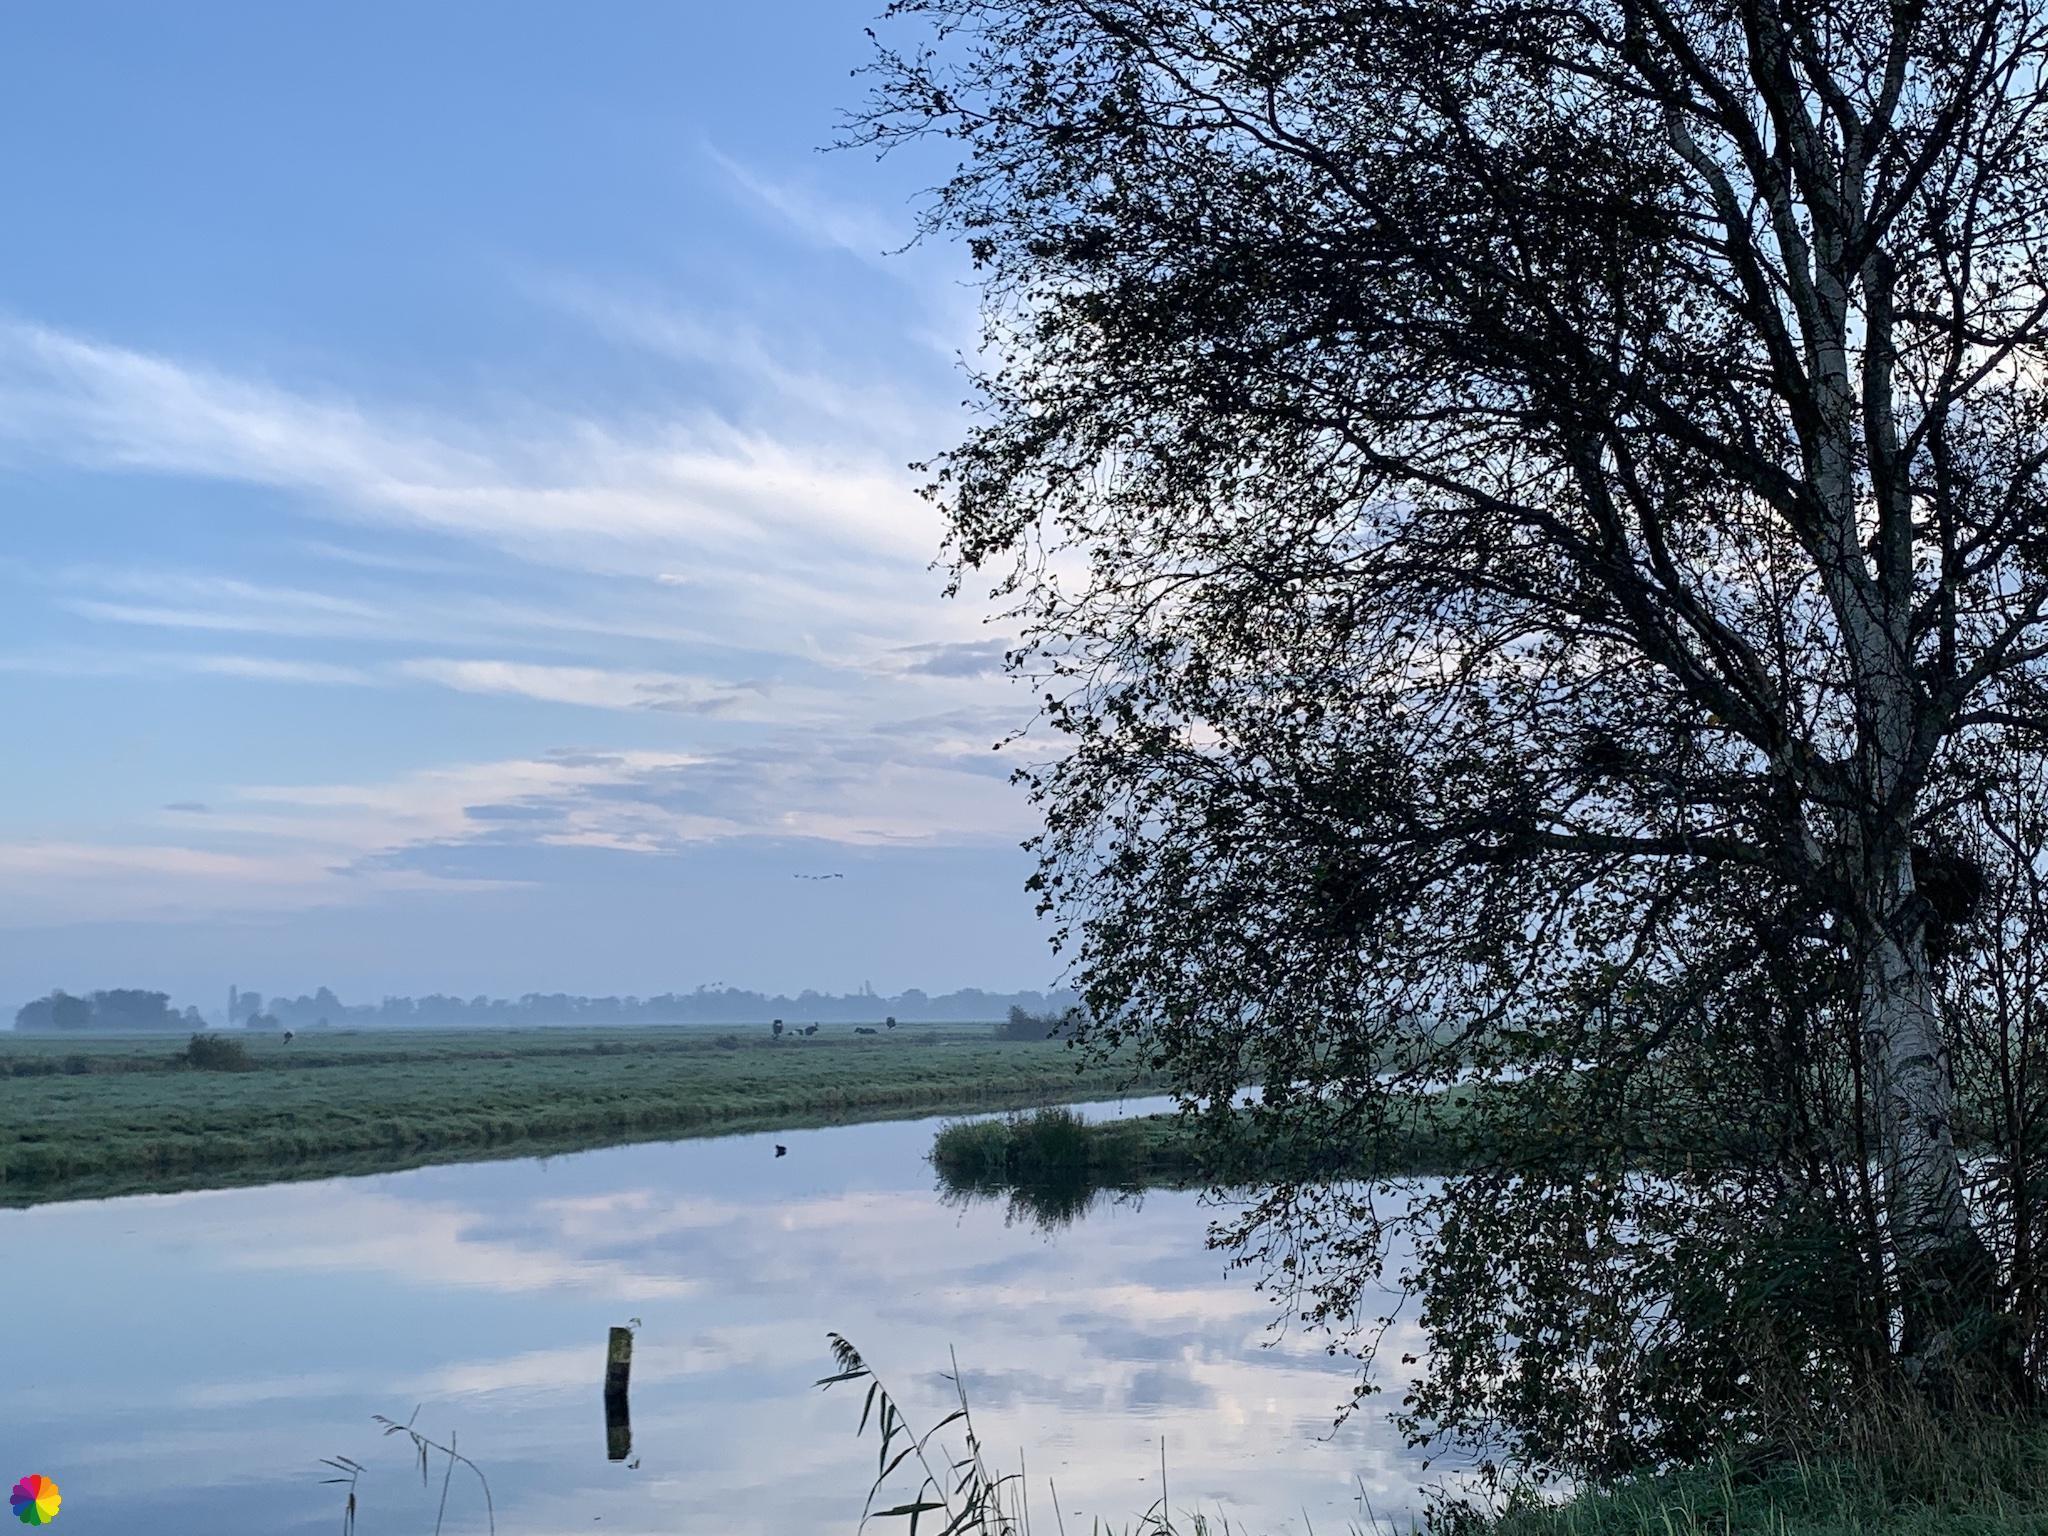 De Berkenwoudse Boezem polder